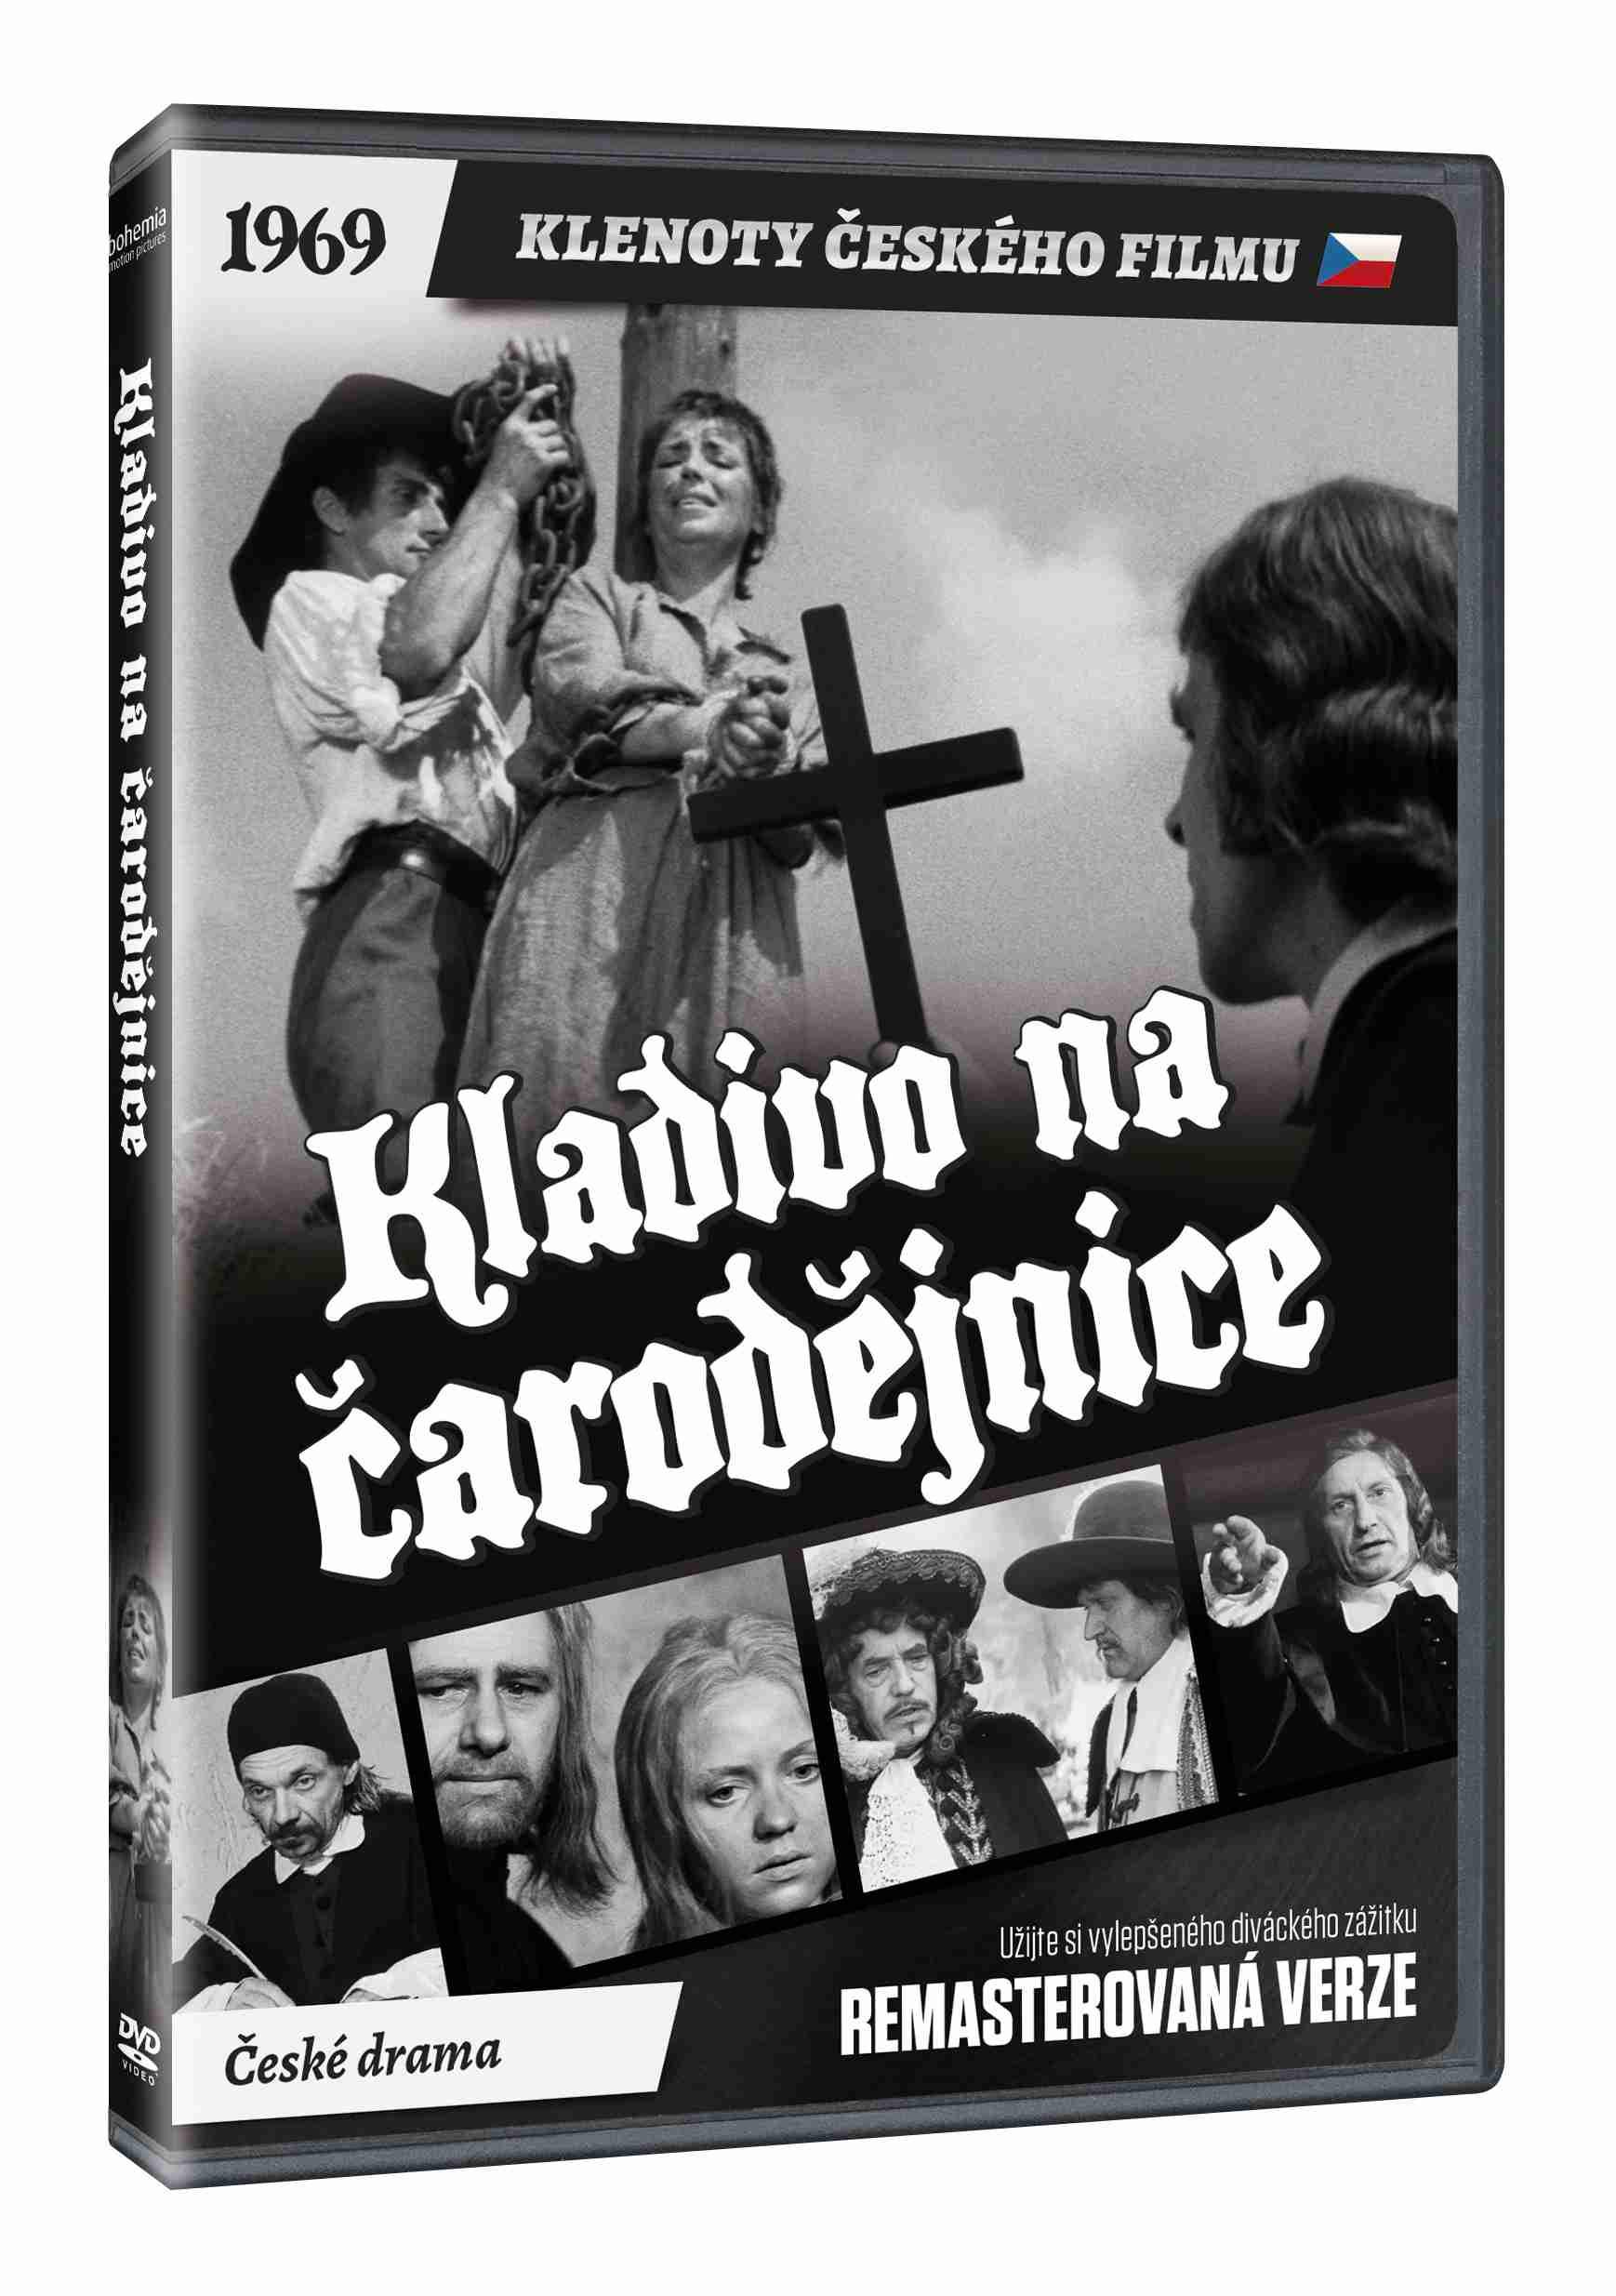 Kladivo na čarodějnice - DVD (remasterovaná verze)